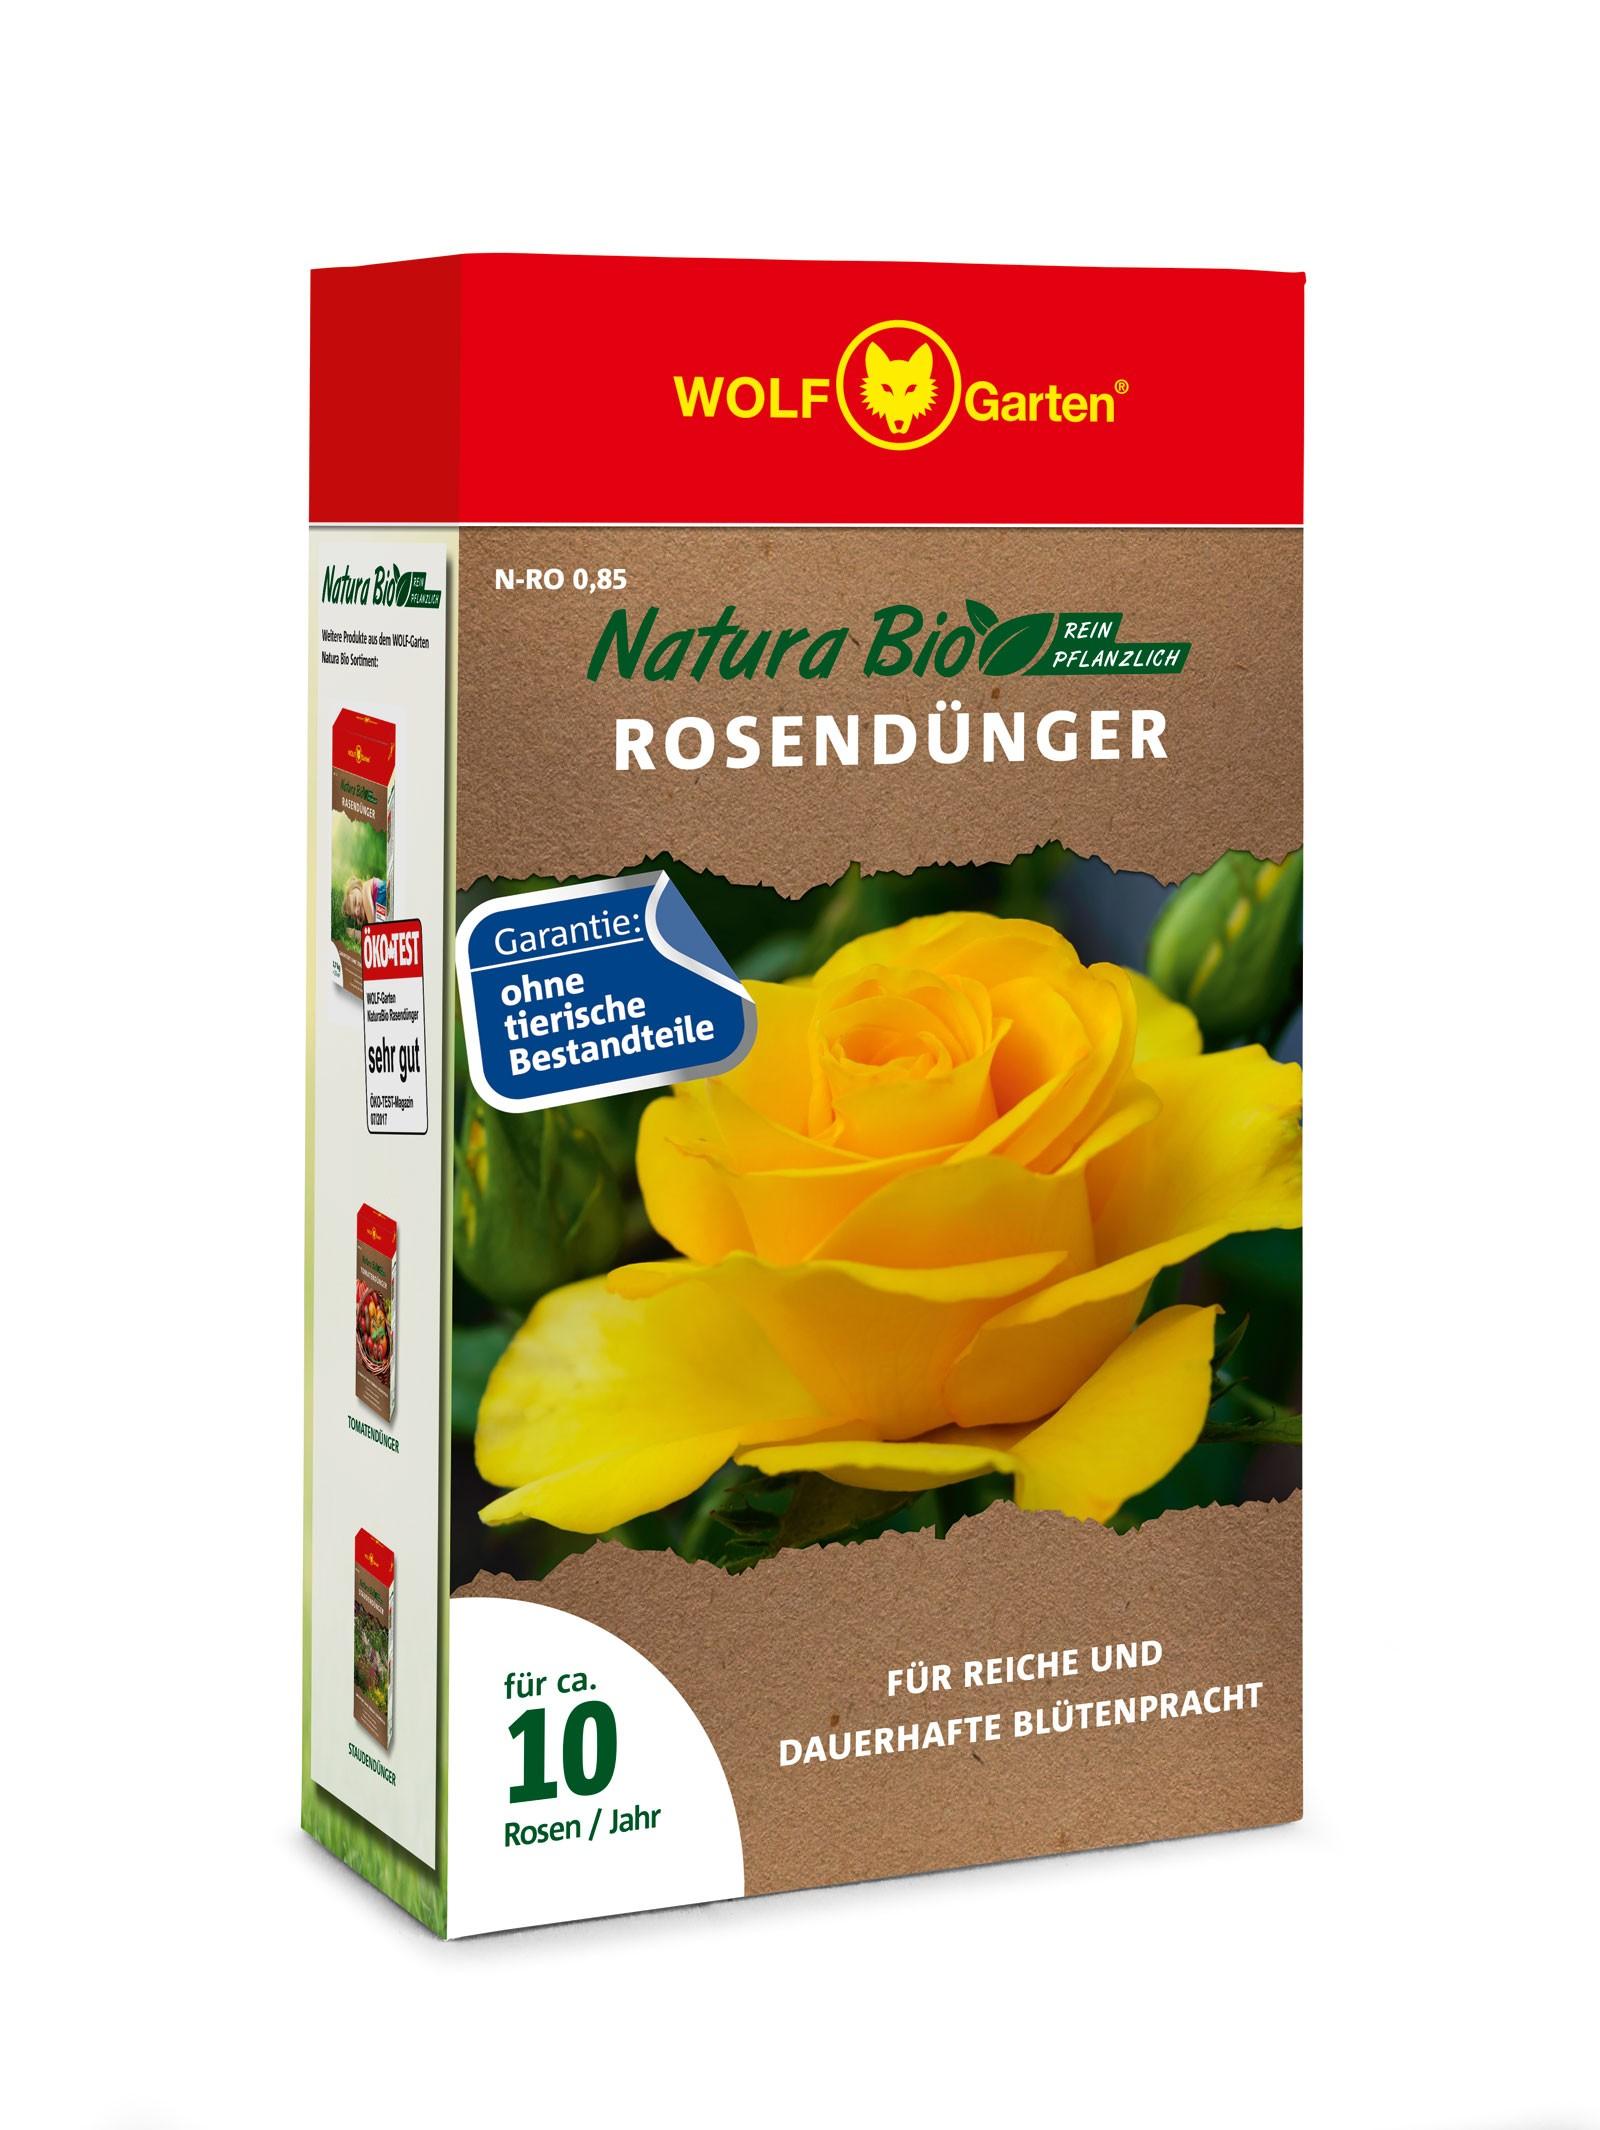 Wolf Garten Natura Bio Rosendünger N-RO 0,85 Bild 1